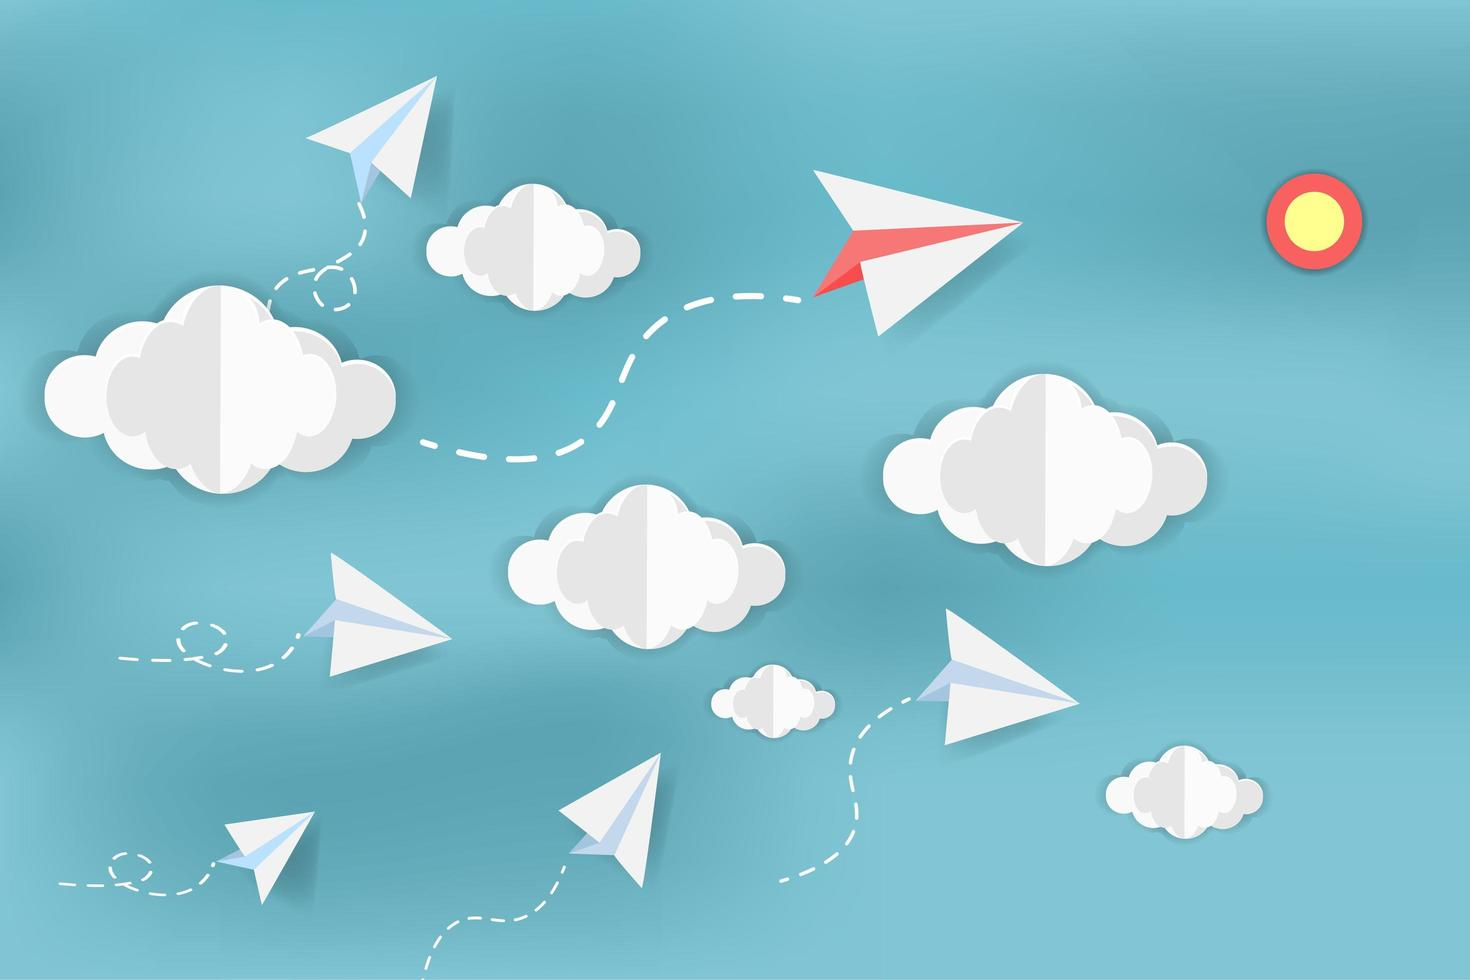 aviones de papel en el cielo con nubes vector